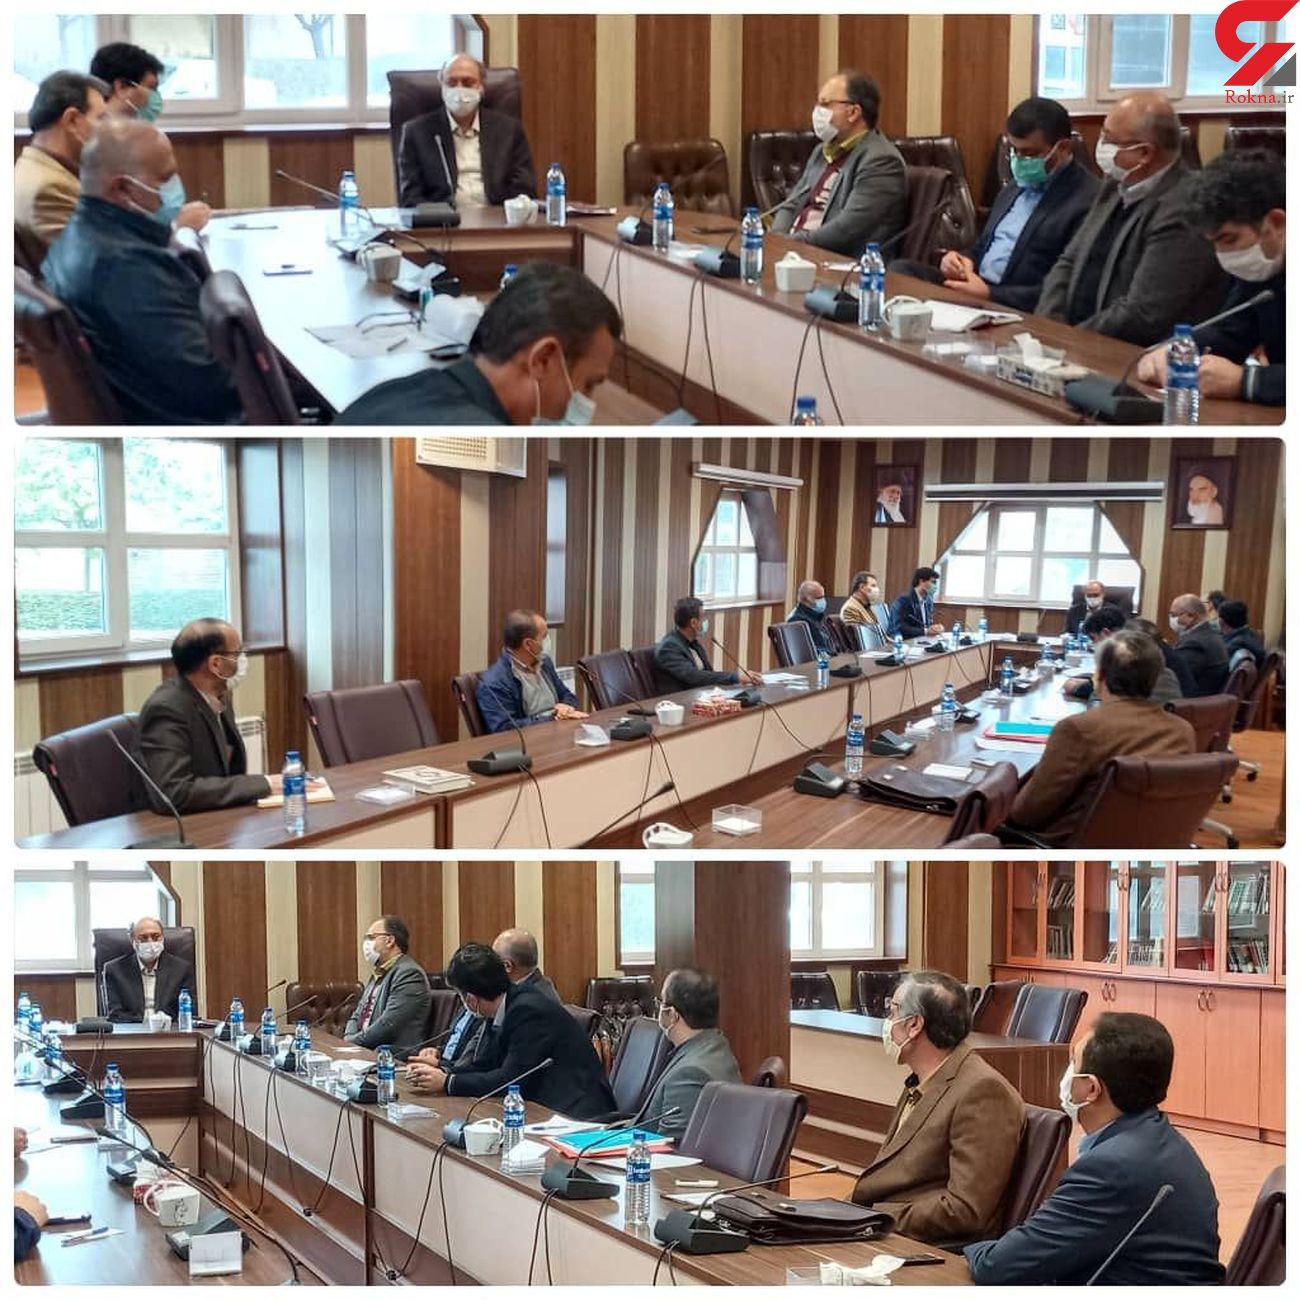 برگزاری  جلسه برای ساخت کتابخانه مرکزی استان قزوین